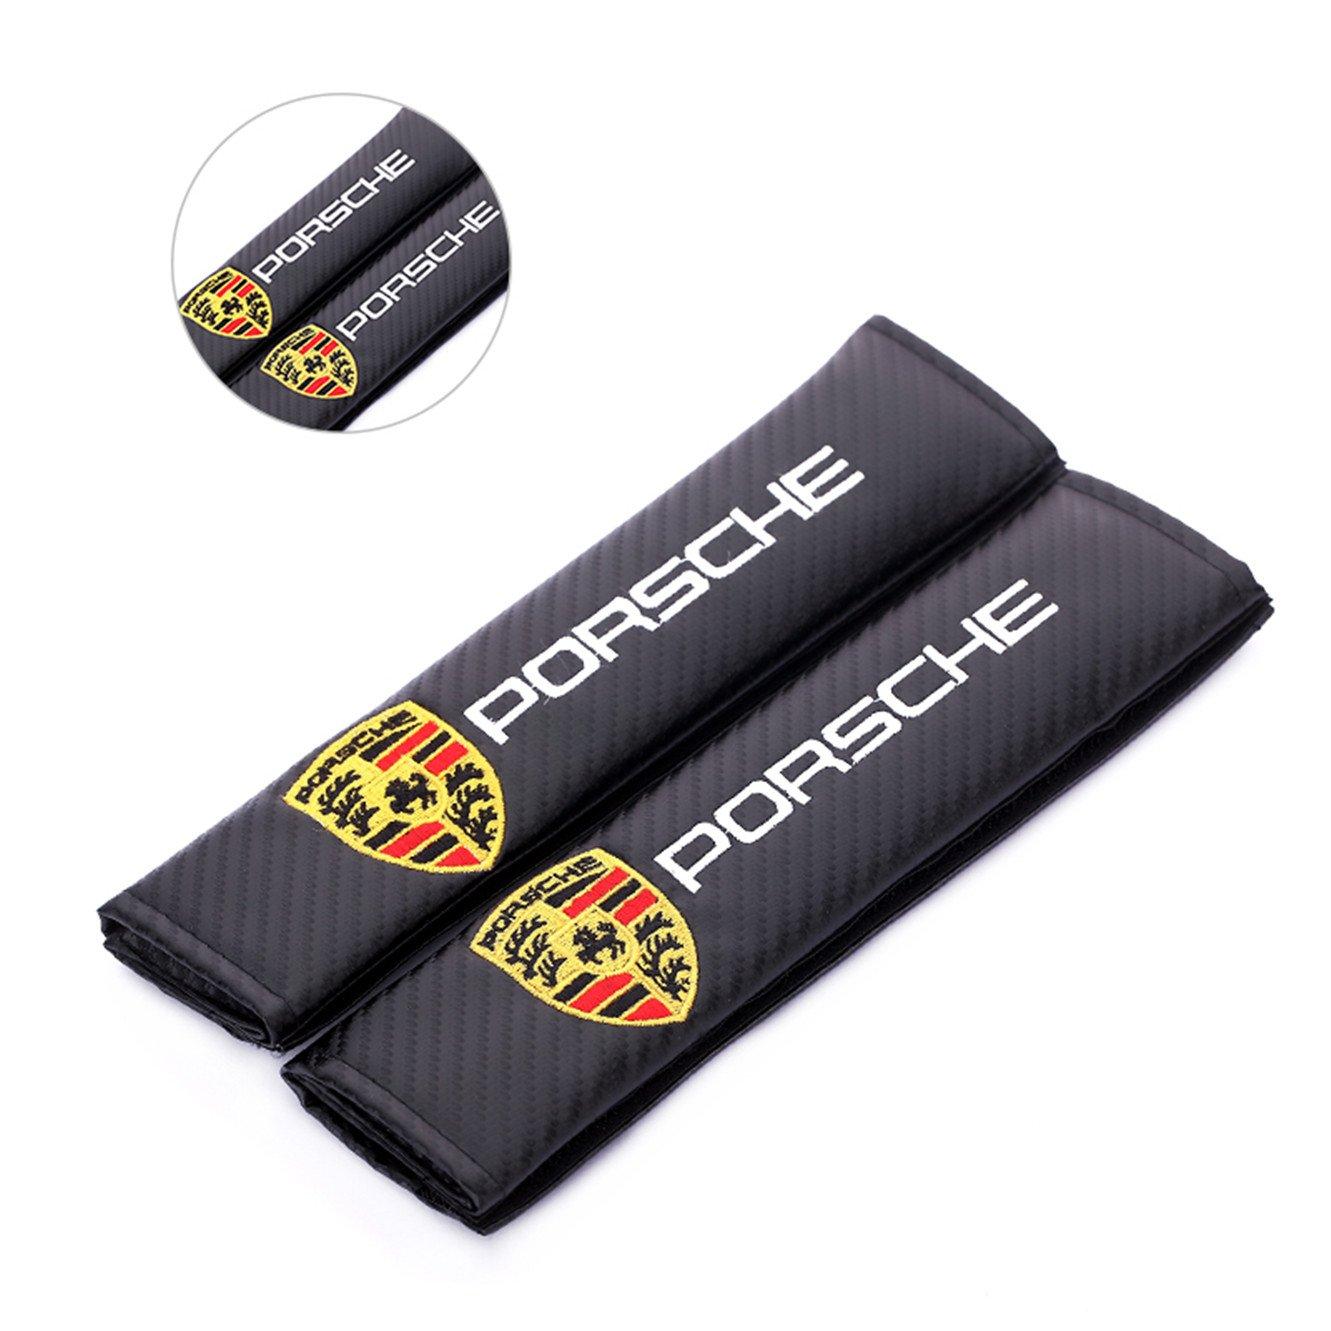 Y&F Boutique shops Porsche. Cuscino della Spalla del Rilievo della Cinghia della Cinghia di sede dell'automobile del Ricamo + della Fibra del Carbonio 2pcs per